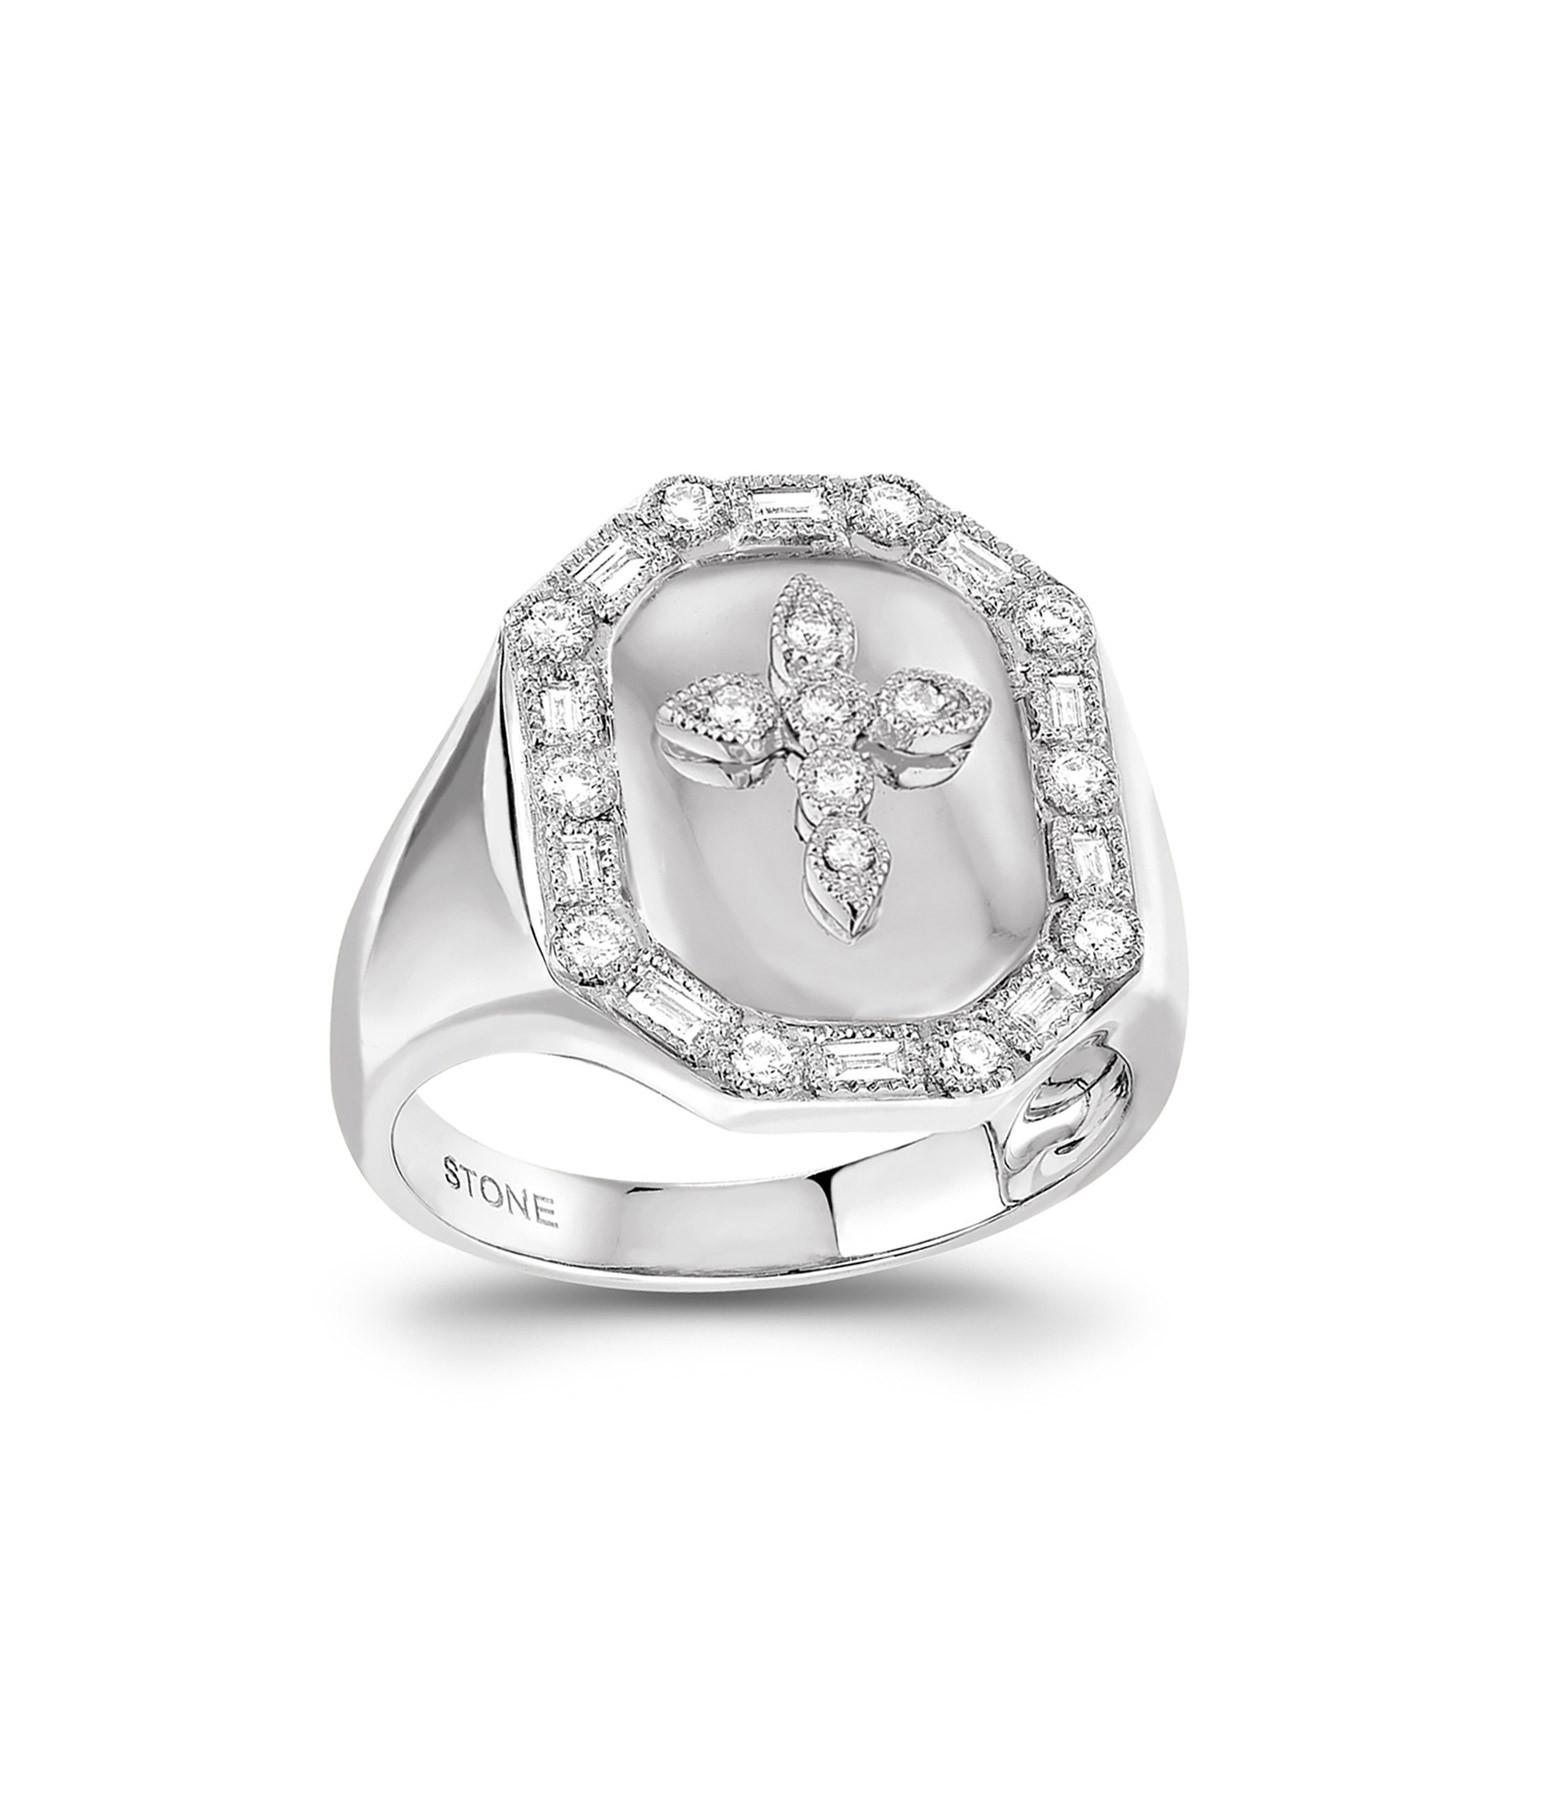 STONE PARIS - Chevaliere Céleste Diamants Or Blanc